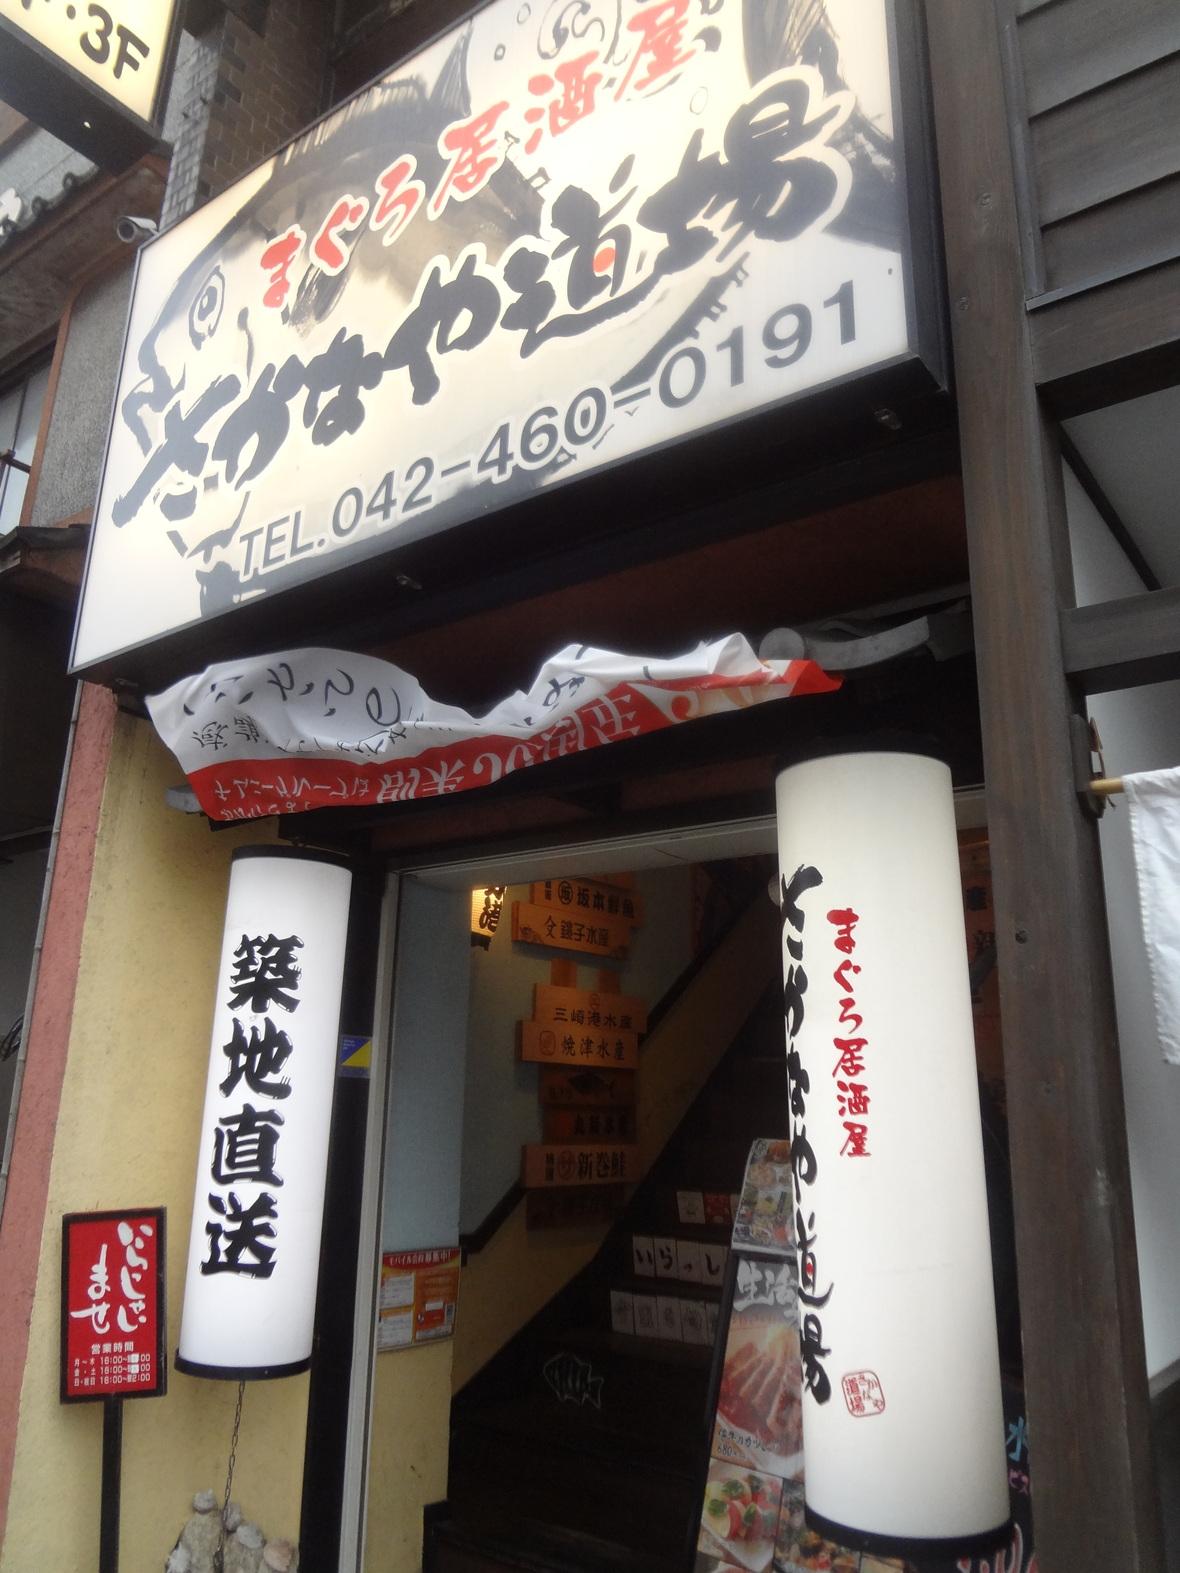 まぐろ居酒屋 さかなや道場 花小金井北口店